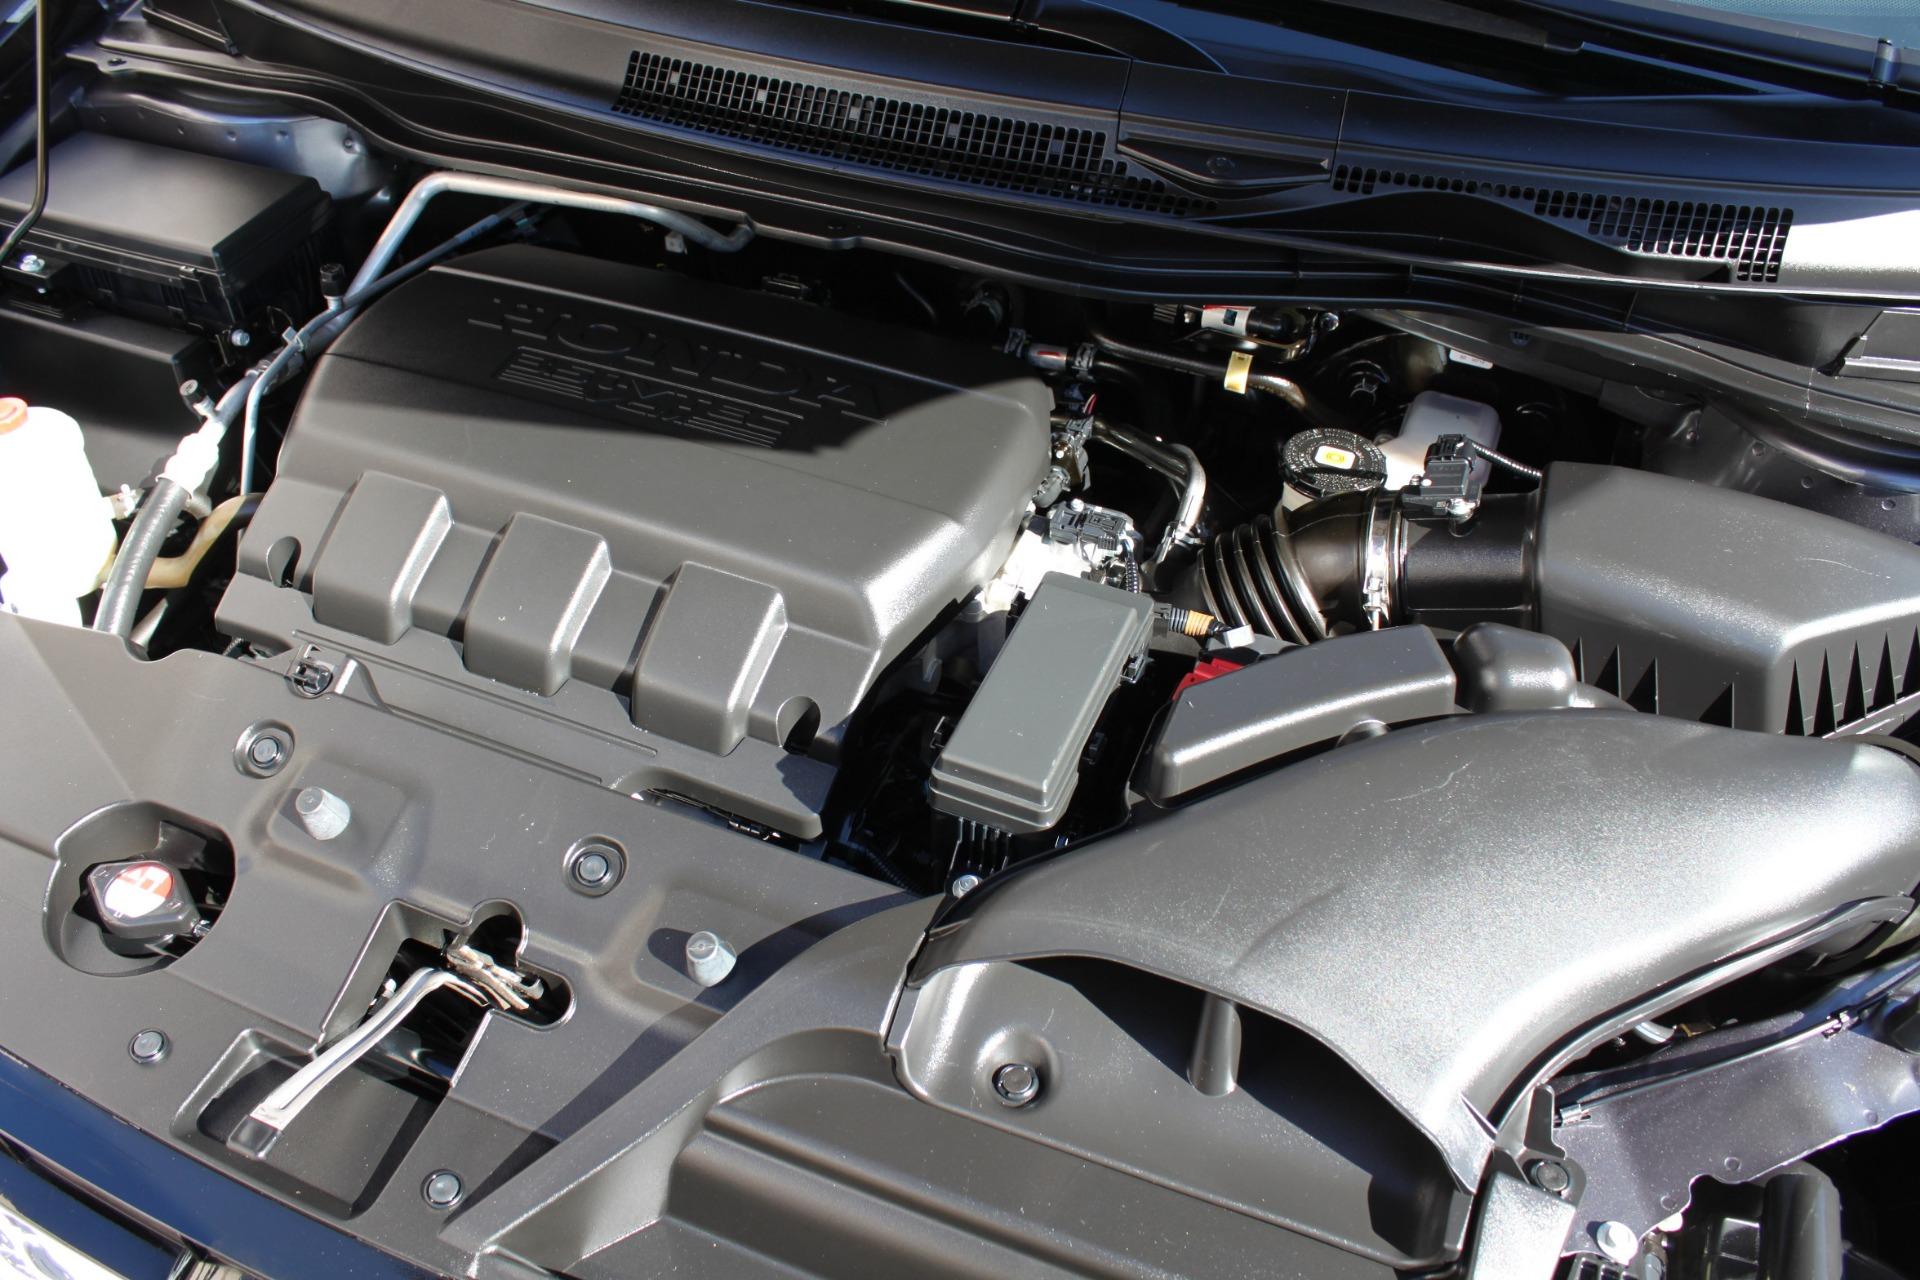 Used-2016-Honda-Odyssey-Touring-Elite-Land-Cruiser